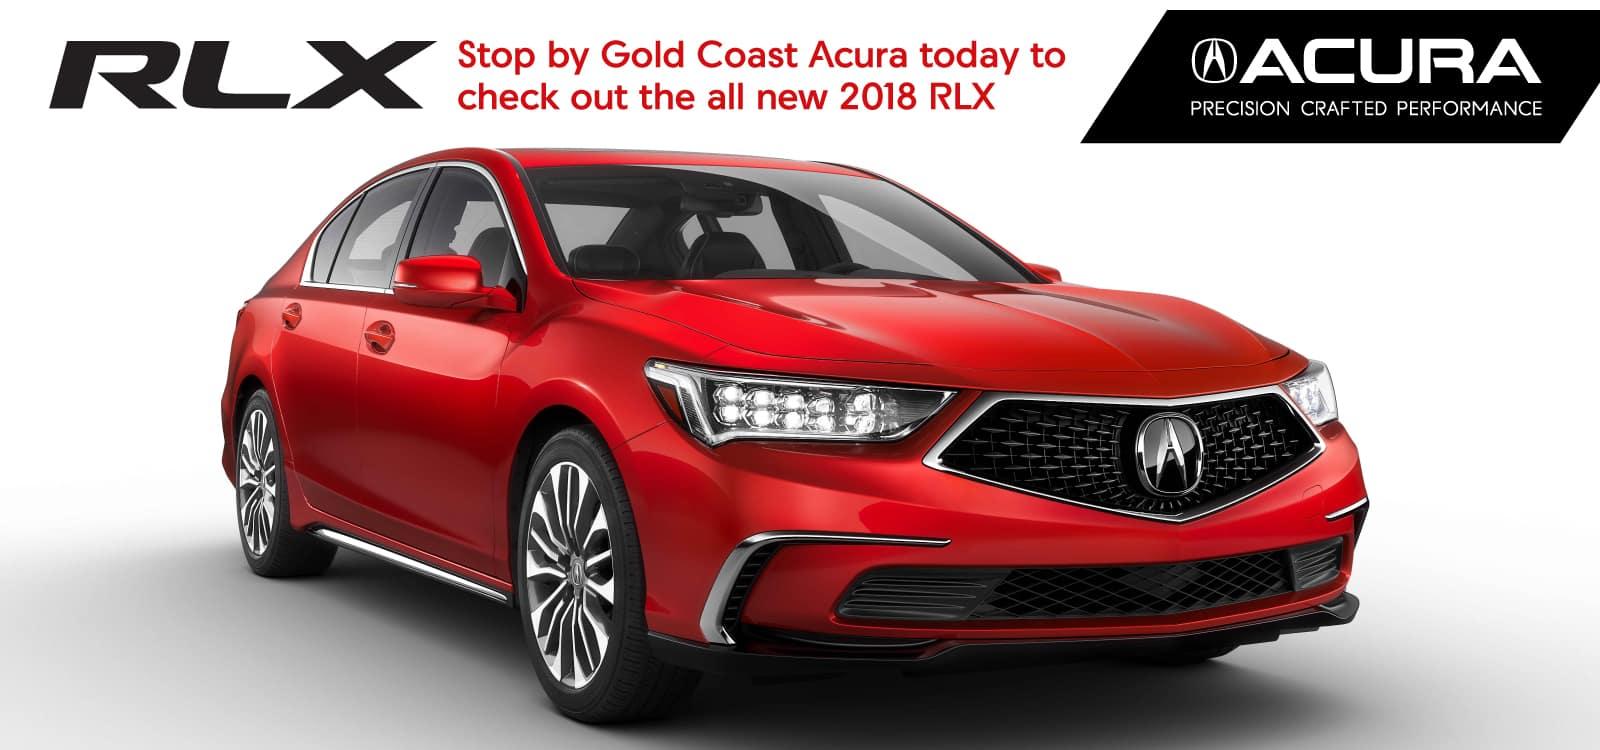 Gold Coast Acura In Ventura CA Luxury Auto Dealer - Estore acura